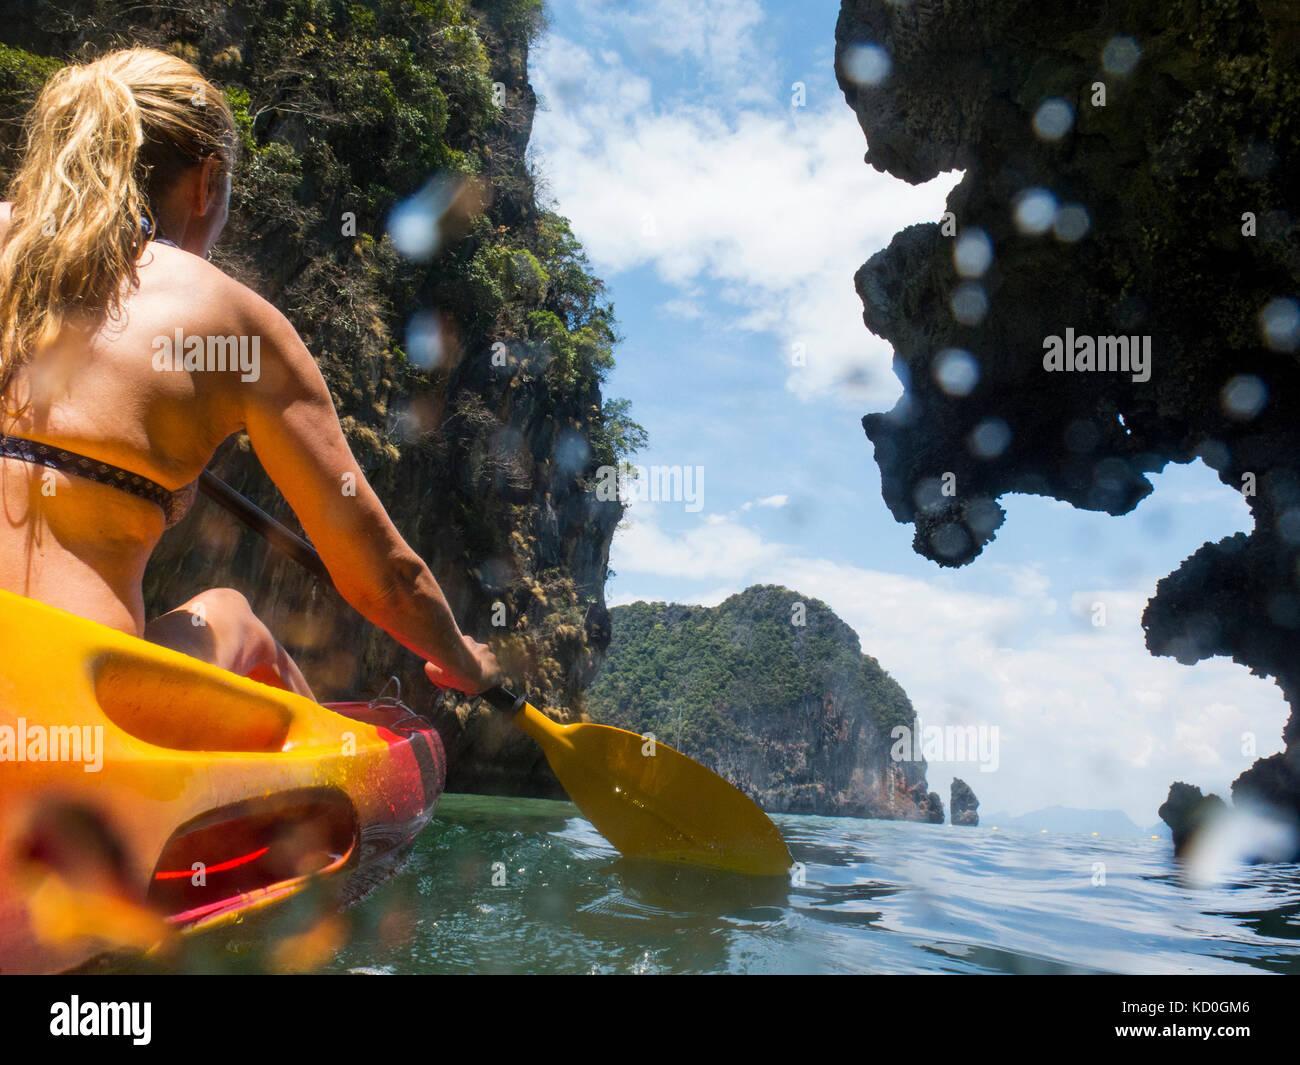 Vista posteriore della donna kayak di mare, Koh Hong, Thailandia, asia Immagini Stock